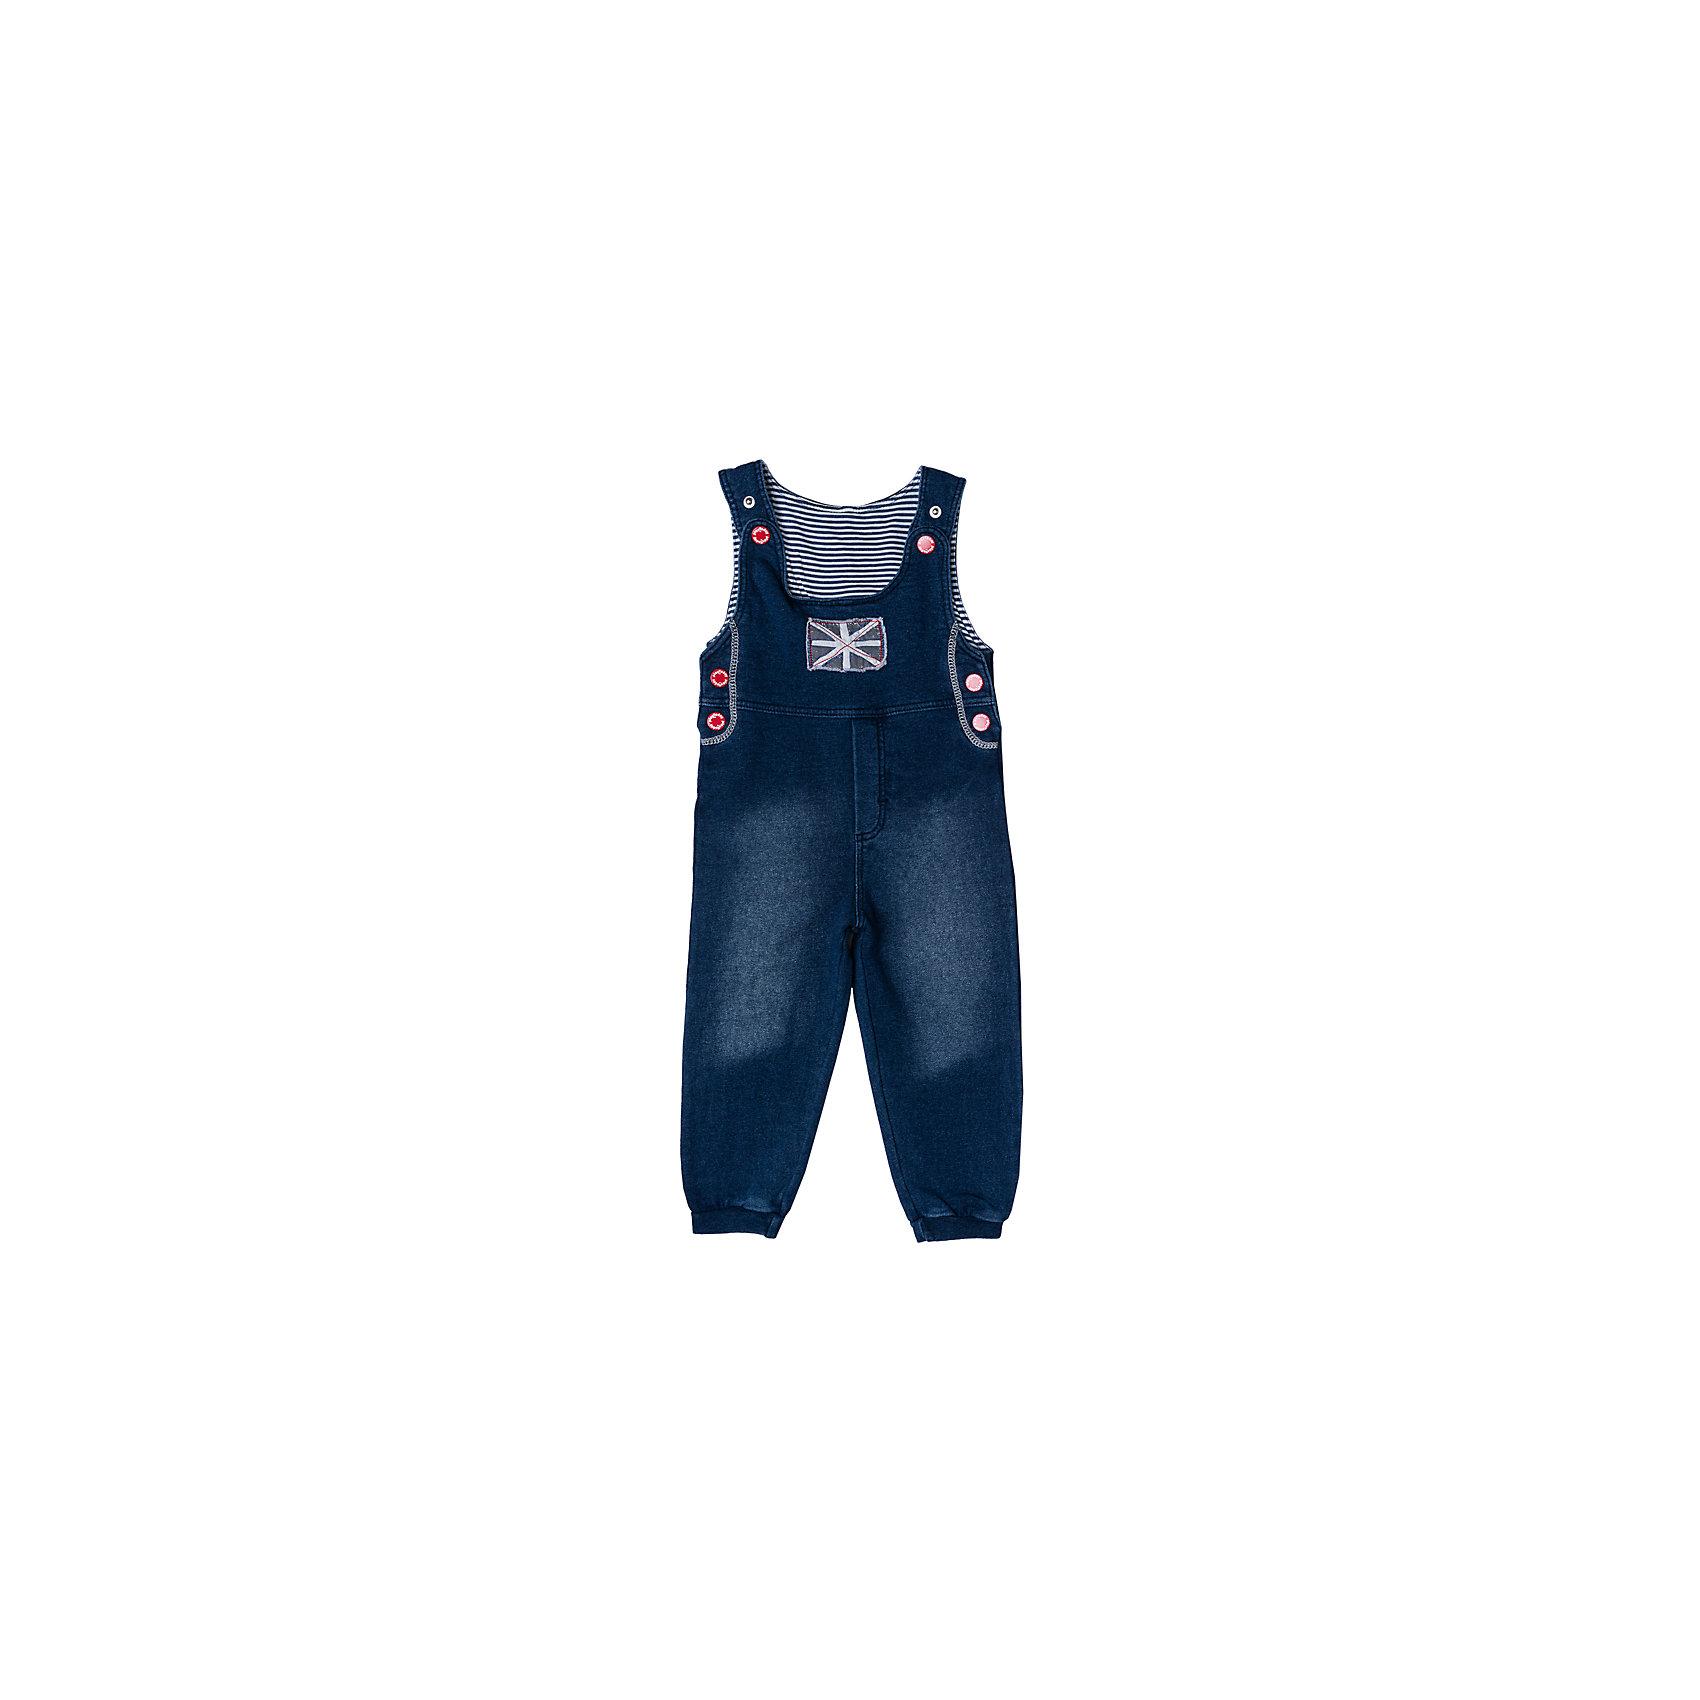 Комбинезон джинсовый для мальчика PlayTodayКомбинезоны<br>Комбинезон для мальчика PlayToday<br>Удобный джинсовый комбинезон с эффектом потертости из натурального материала сможет быть одной из базовых вещей в гардеробе Вашего ребенка. Для удобства снимания и одевания  бретели и боковины модели снабжены застежками - кнопками. Низ брючин на мягких резинках. Свободный крой не сковывает движений. Натуральный материал приятен к телу и не вызывает раздражений.Преимущества: Свободный крой не сковывает движений ребенкаНатуральный материал приятен к телу и не вызывает раздраженийМодель на застежках- кнопках<br>Состав:<br>100% хлопок<br><br>Ширина мм: 157<br>Глубина мм: 13<br>Высота мм: 119<br>Вес г: 200<br>Цвет: полуночно-синий<br>Возраст от месяцев: 18<br>Возраст до месяцев: 24<br>Пол: Мужской<br>Возраст: Детский<br>Размер: 92,74,80,86<br>SKU: 5407725